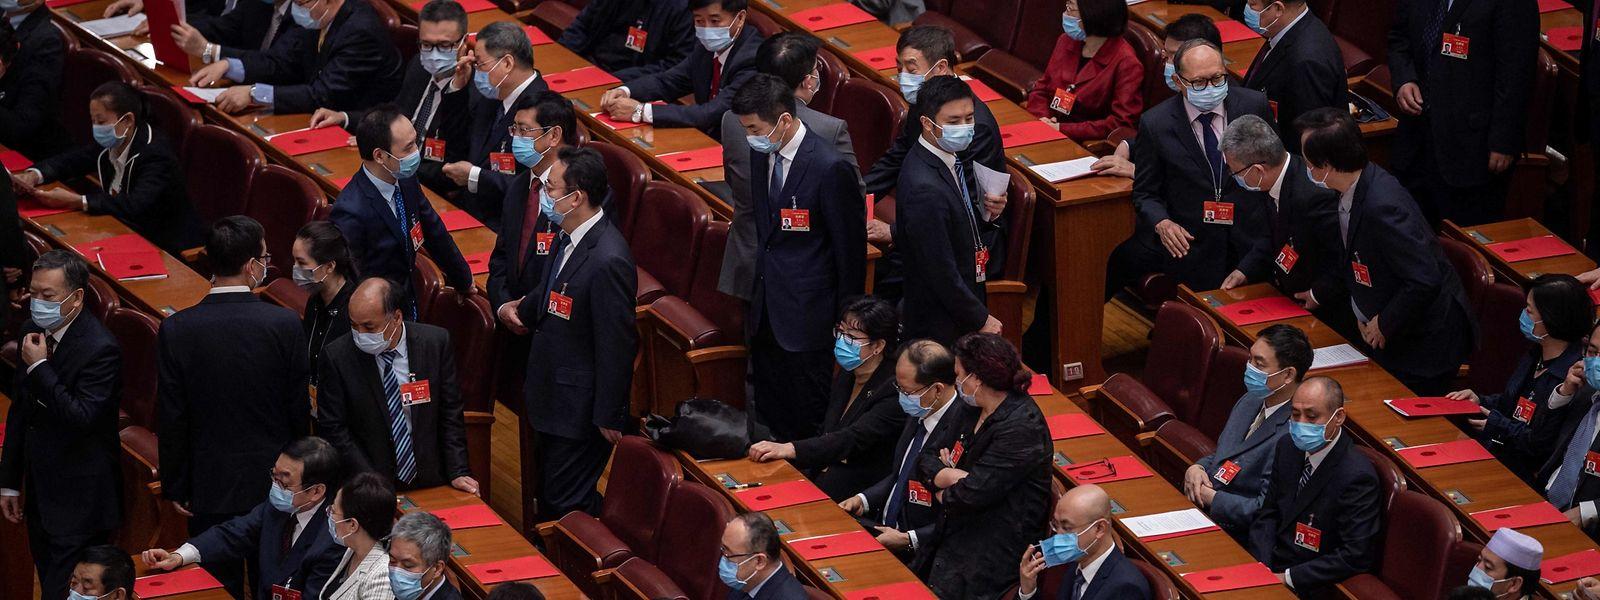 """2.895 chinesische Kader votierten für die Resolution mit dem Namen """"Patrioten regieren Hongkong""""."""